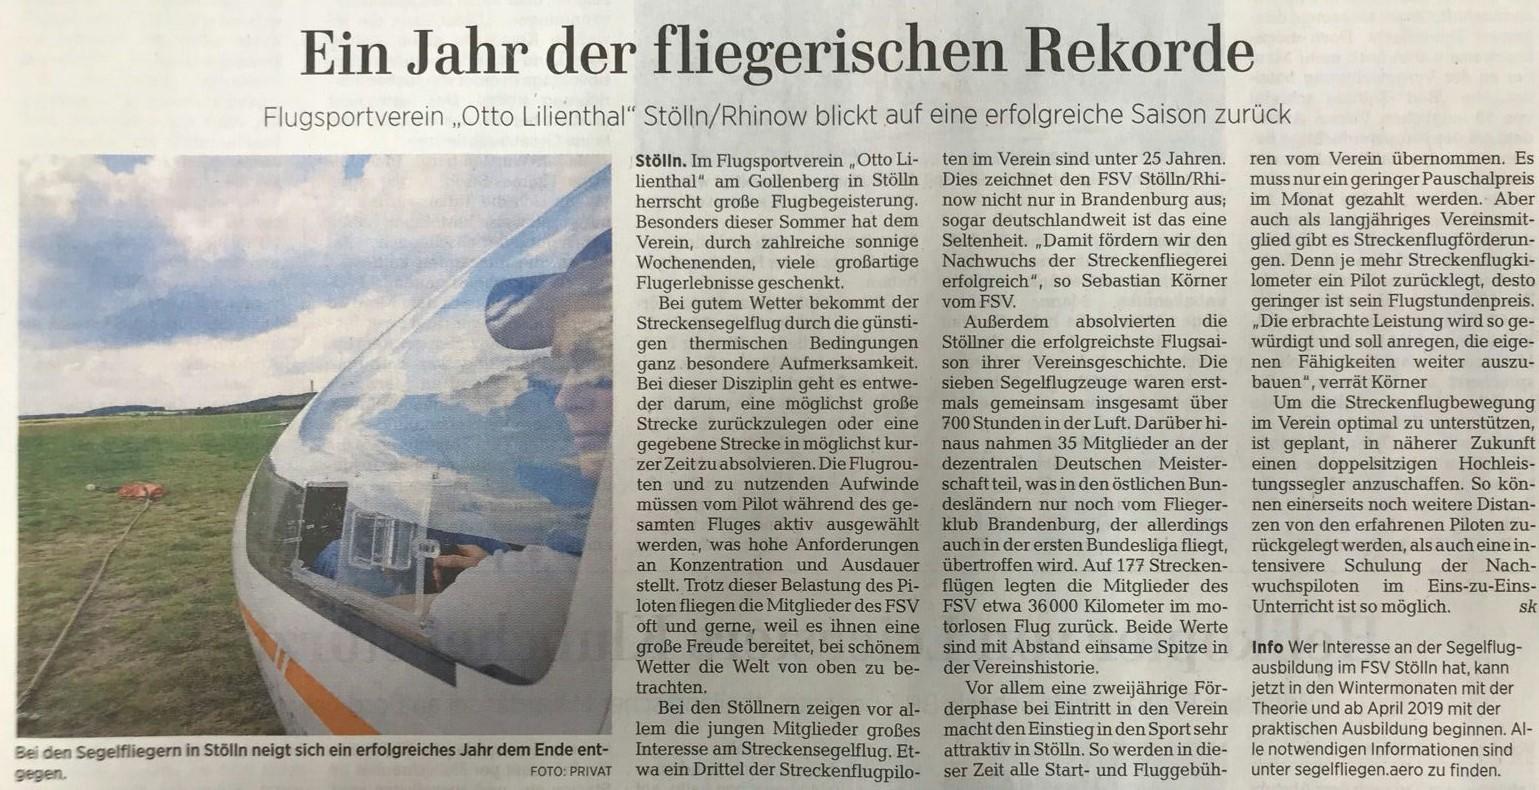 Artikel: Ein Jahr fliegerischer Rekorde